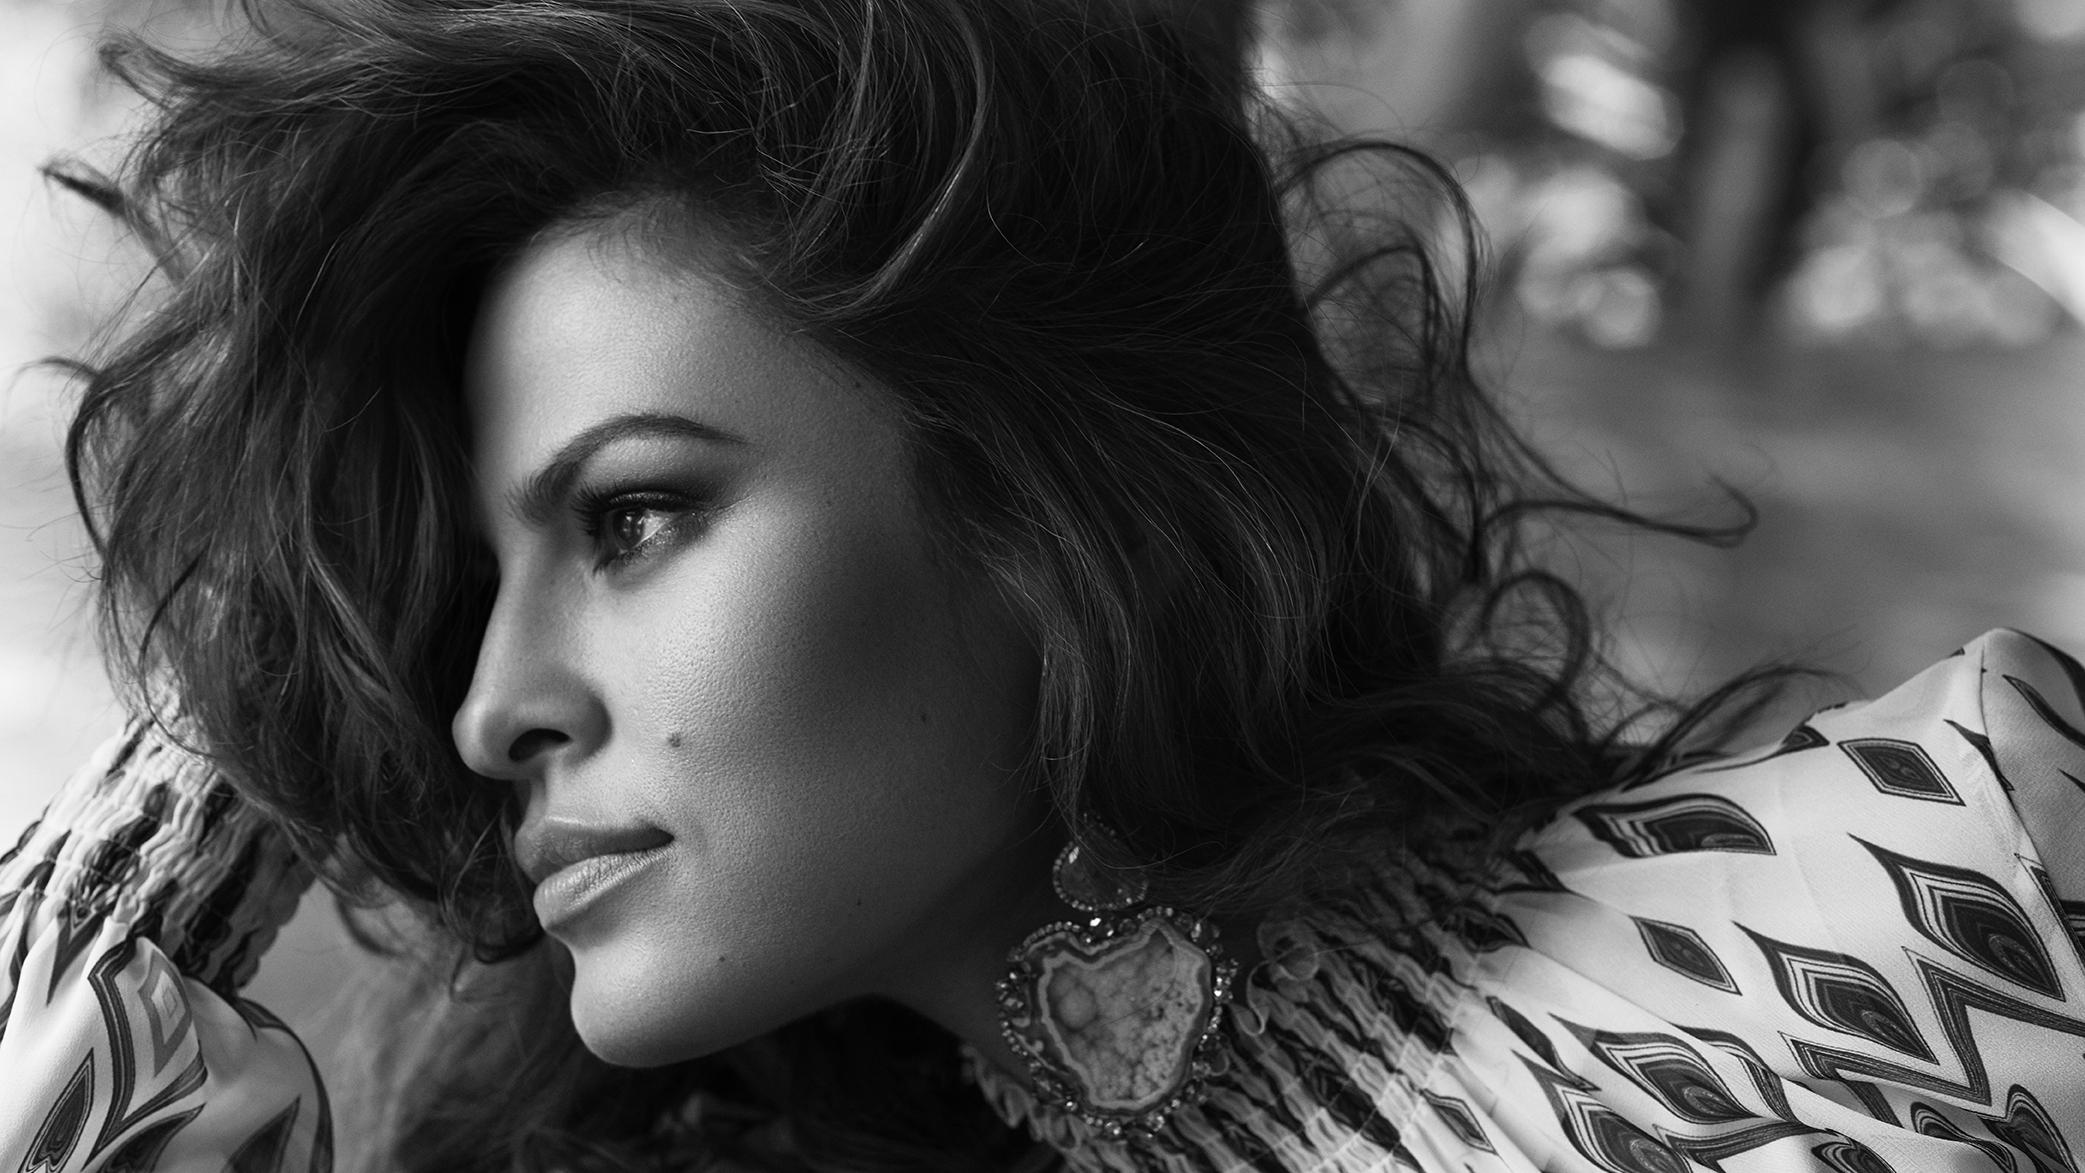 photographer: diego uchitel - latina magazine